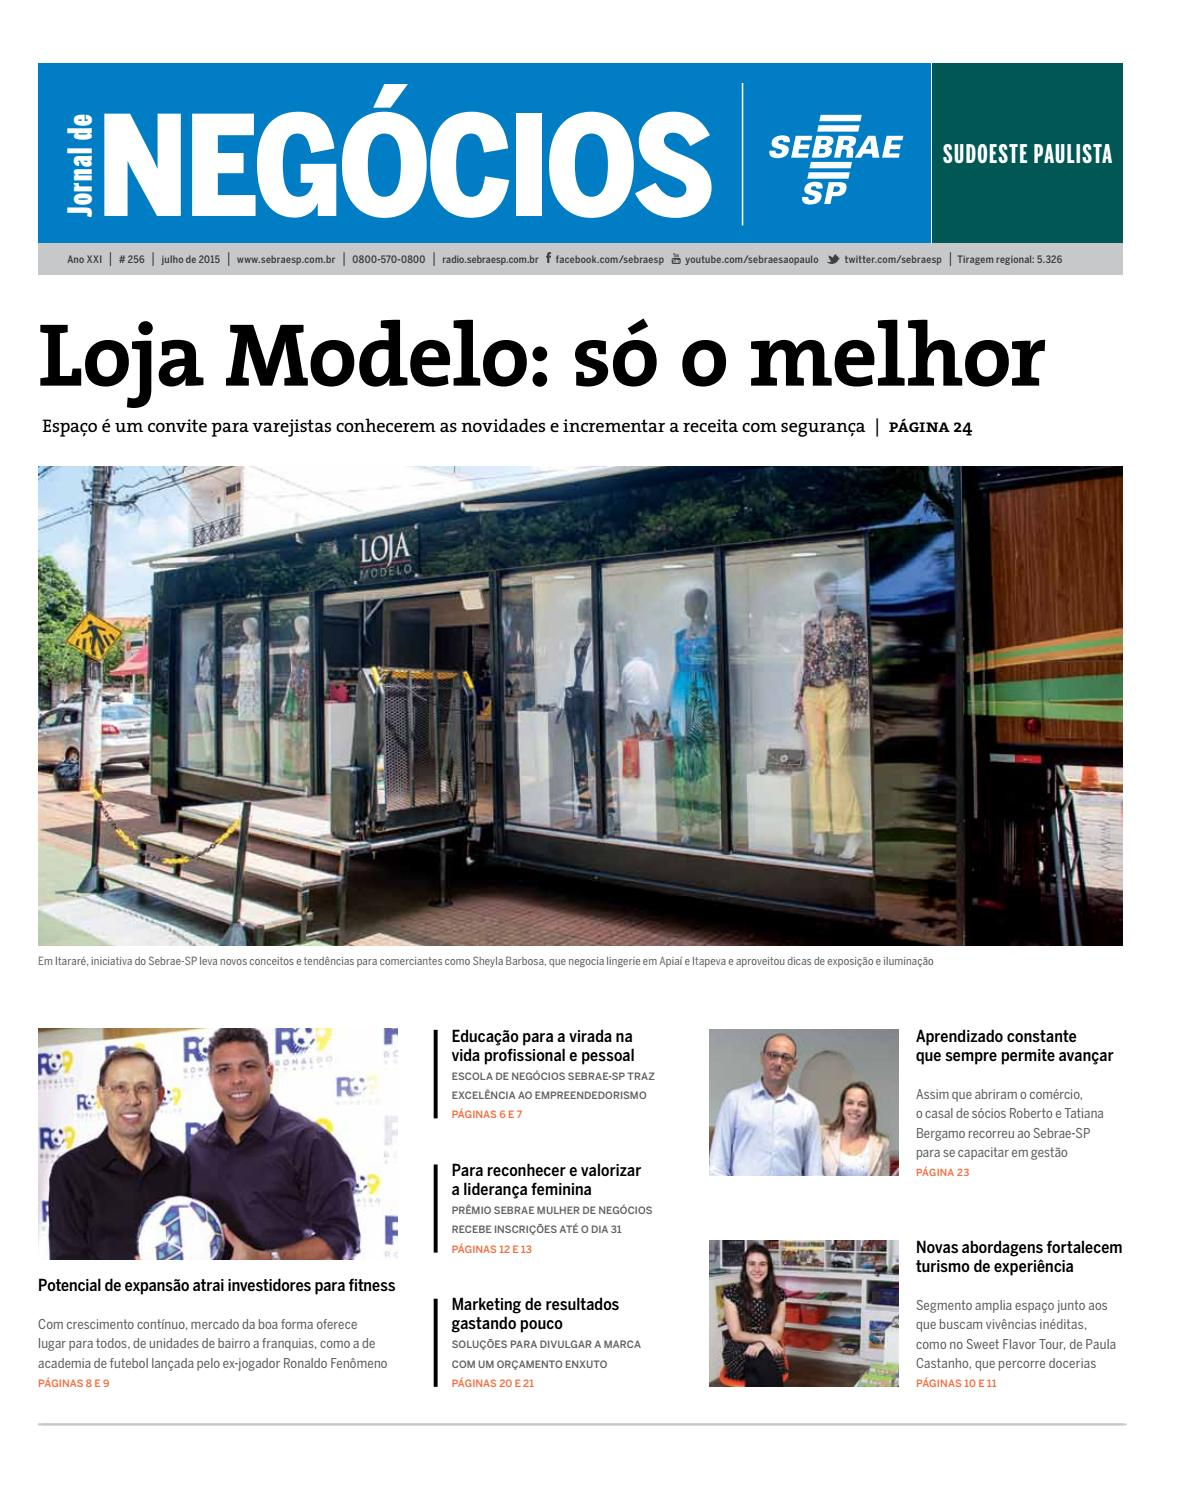 575676da1 Jornal de Negócios Sebrae-SP - Julho de 2015 - Sudoeste Paulista by Sebrae-SP  - issuu